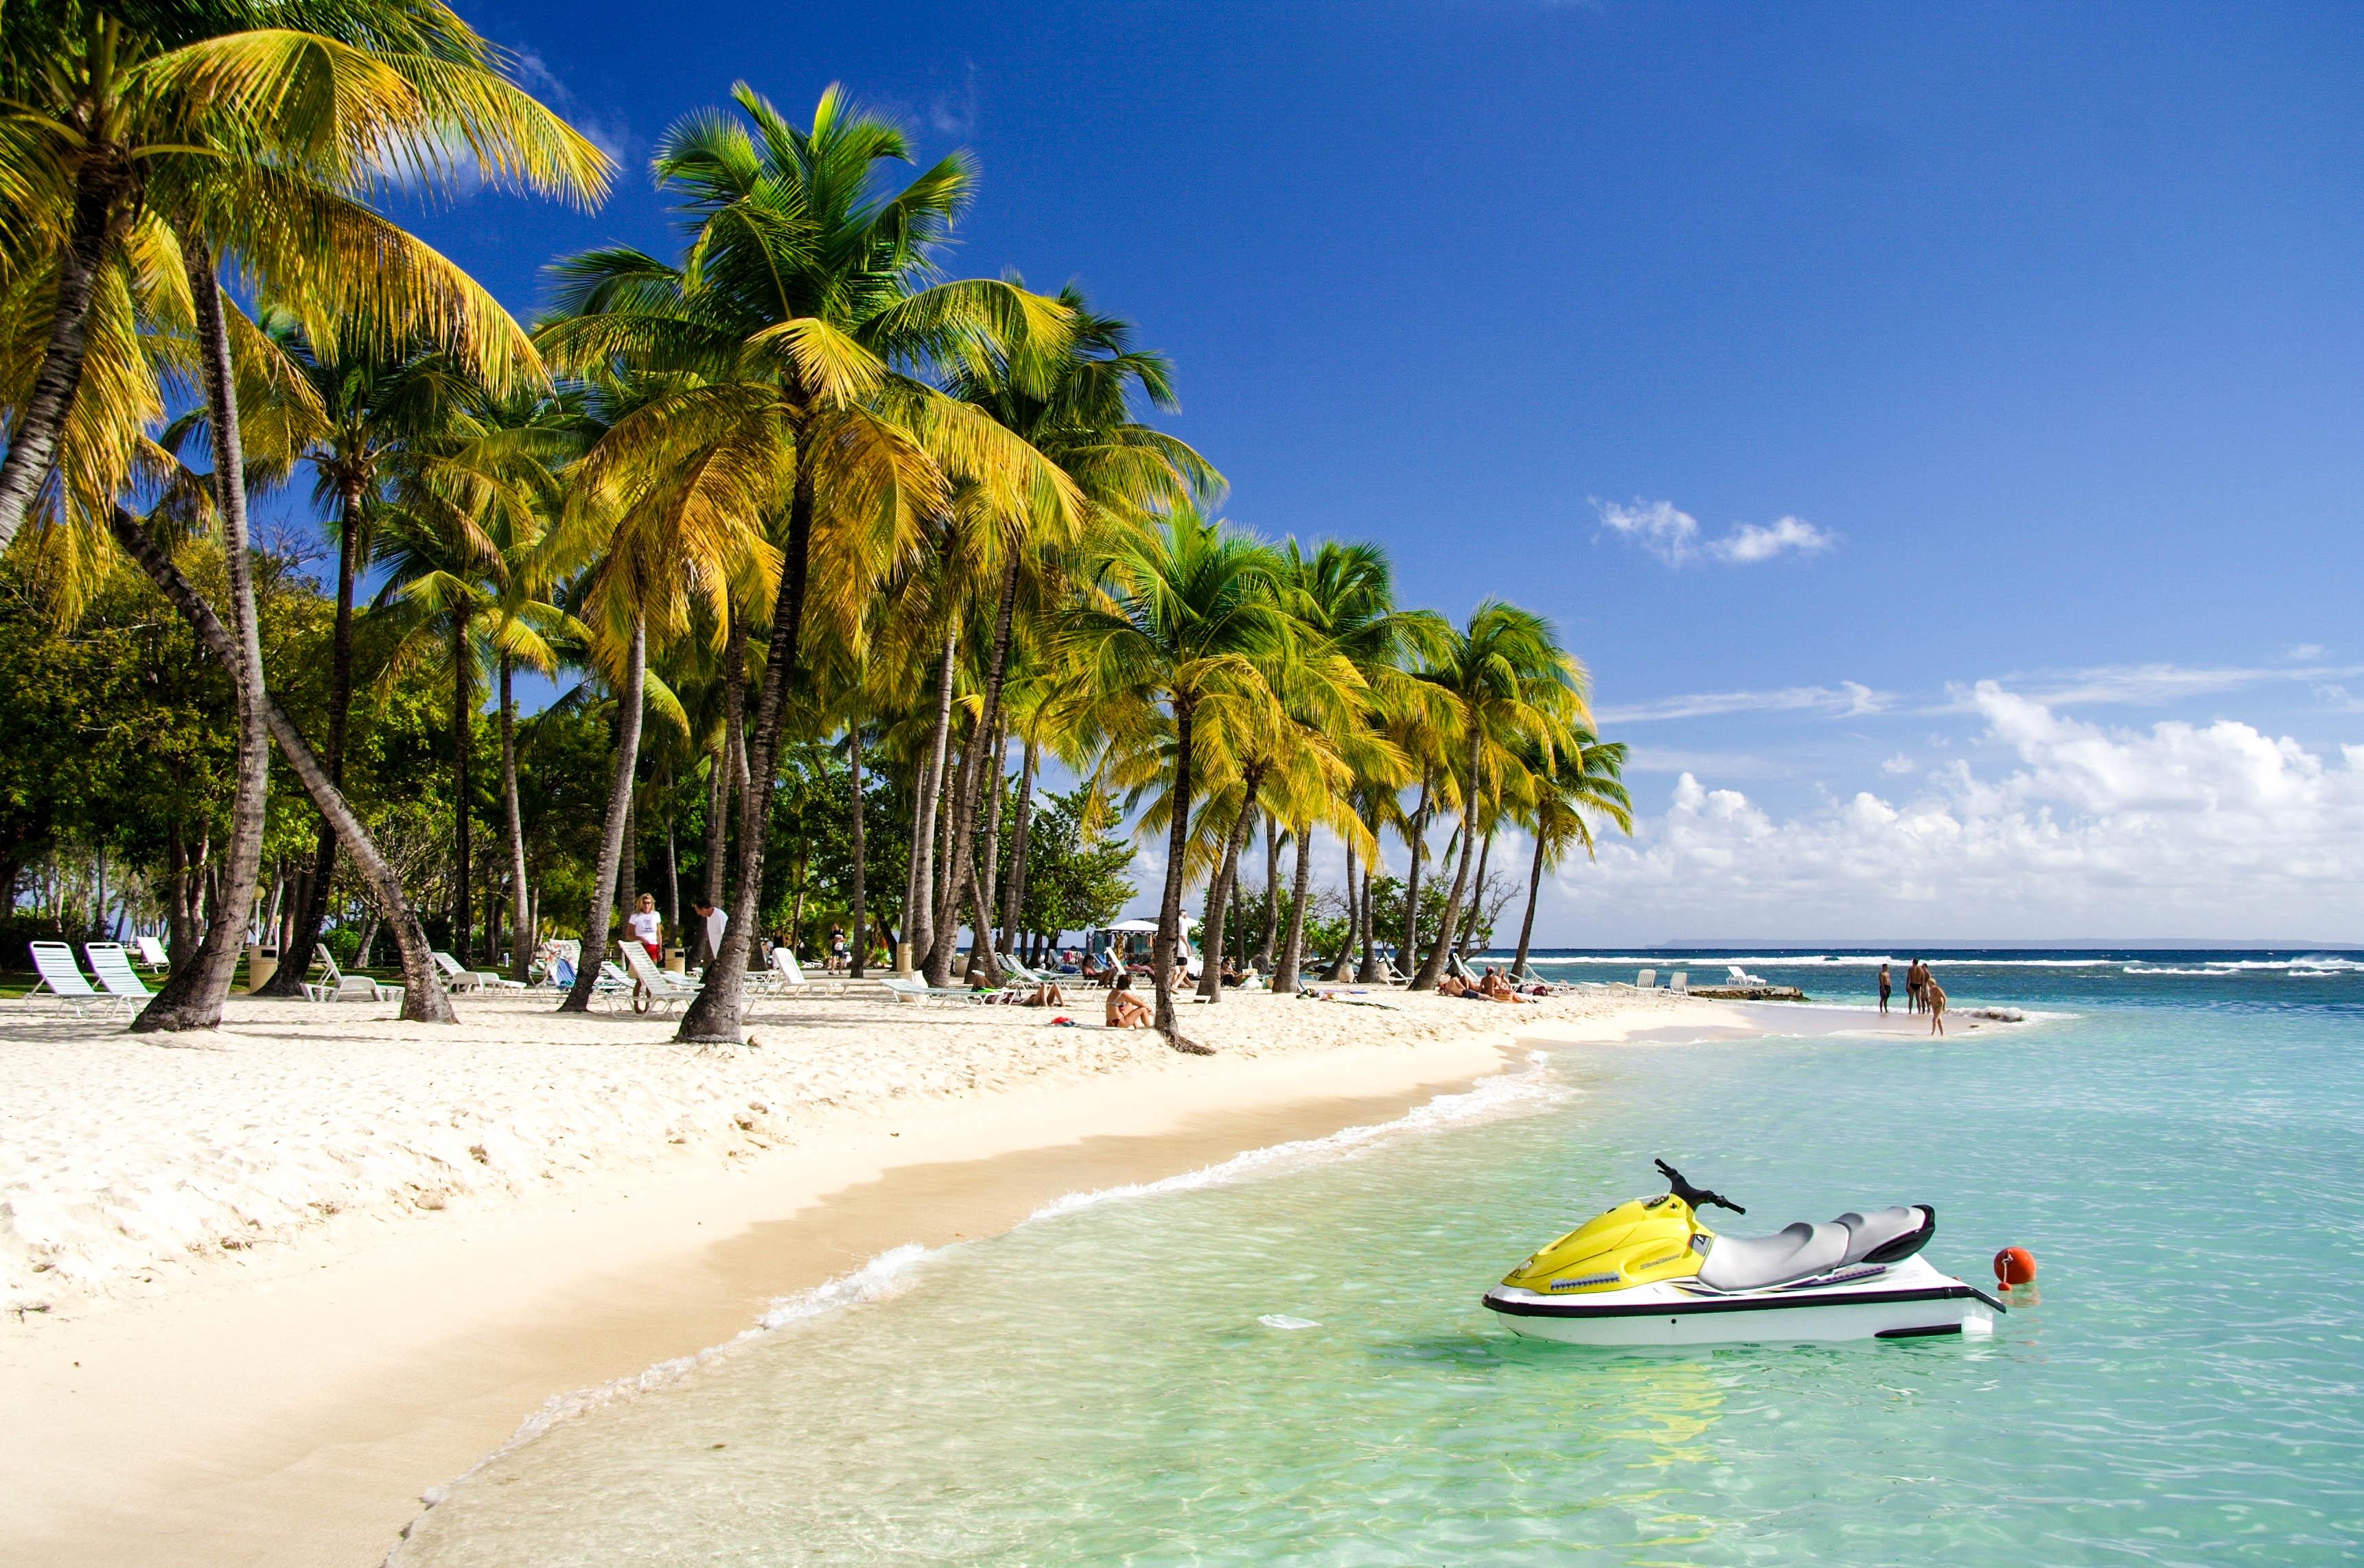 Des Hotels Et Des Iles Guadeloupe